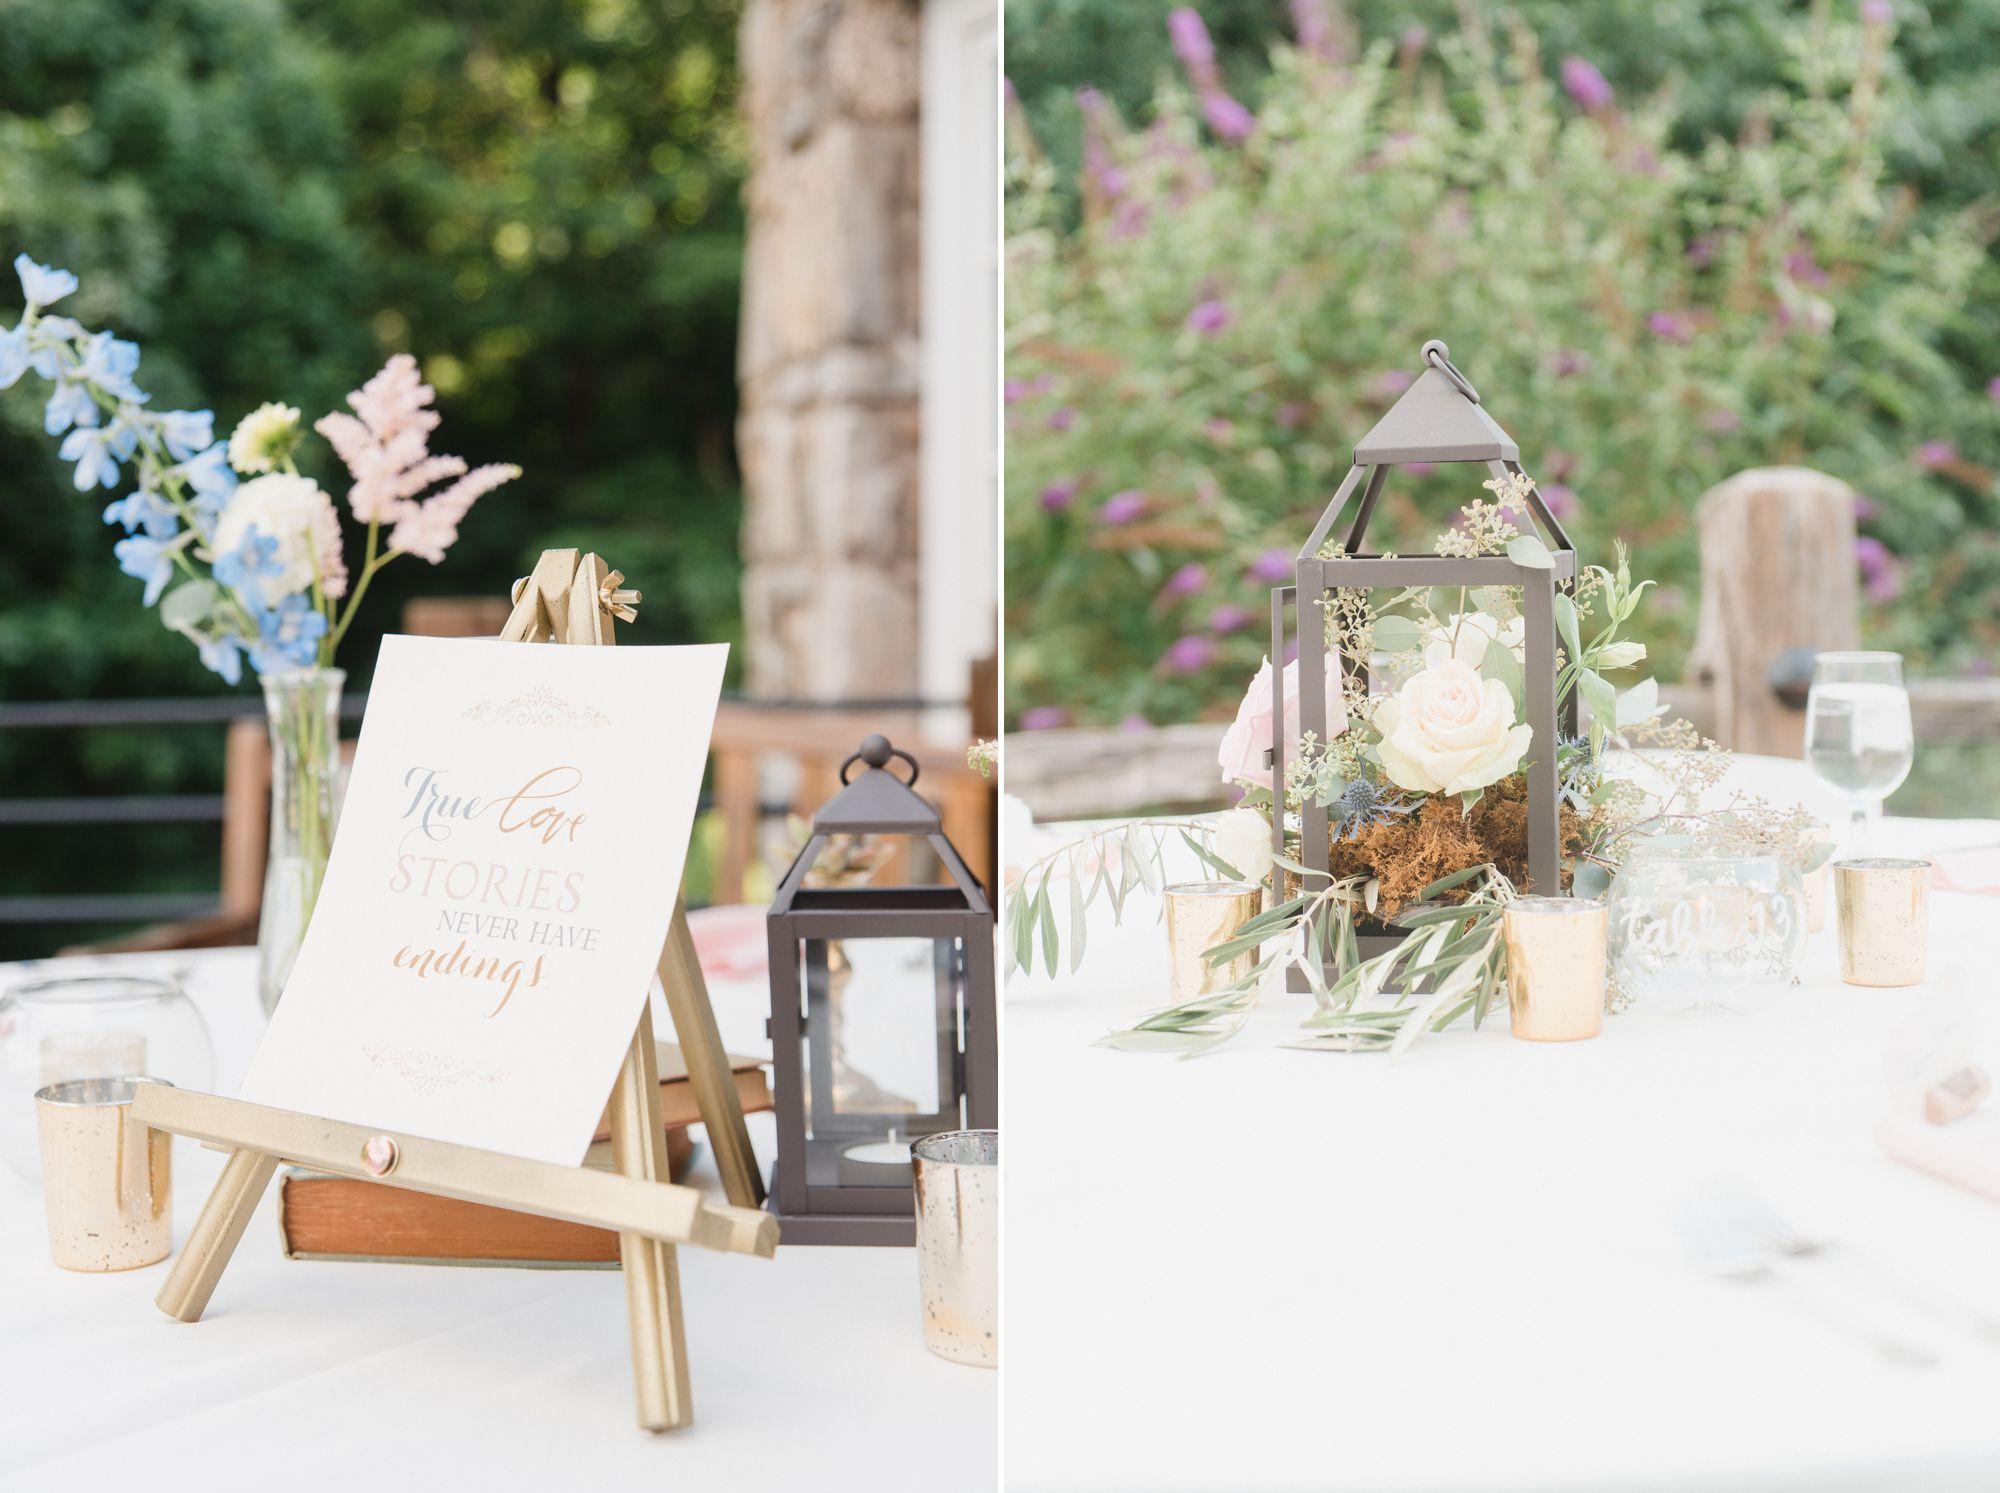 castle-ladyhawke-destination-wedding 55